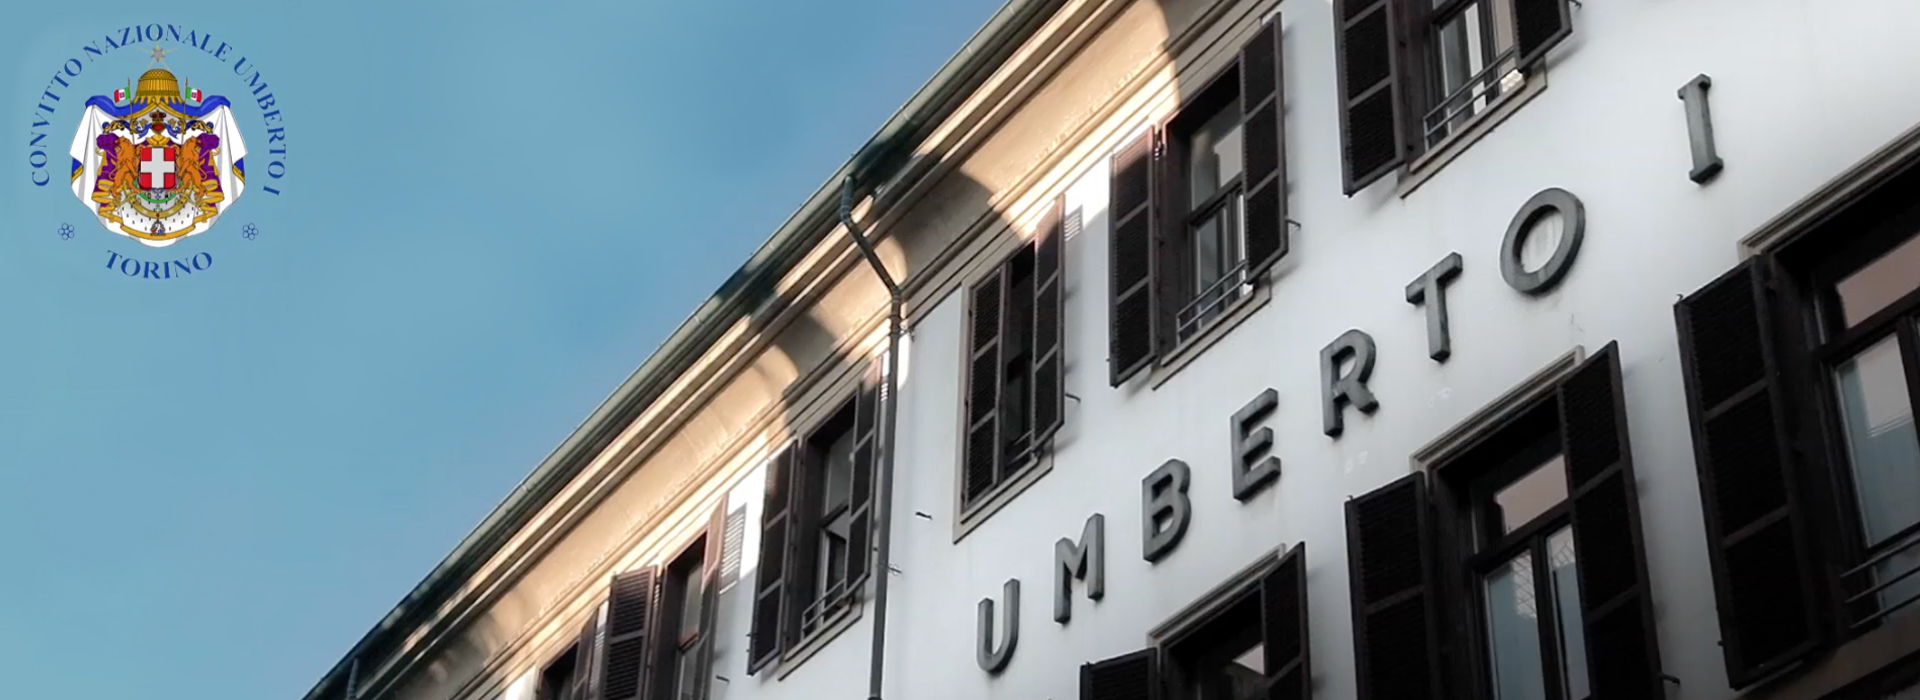 Convitto Nazionale Statale Umberto I